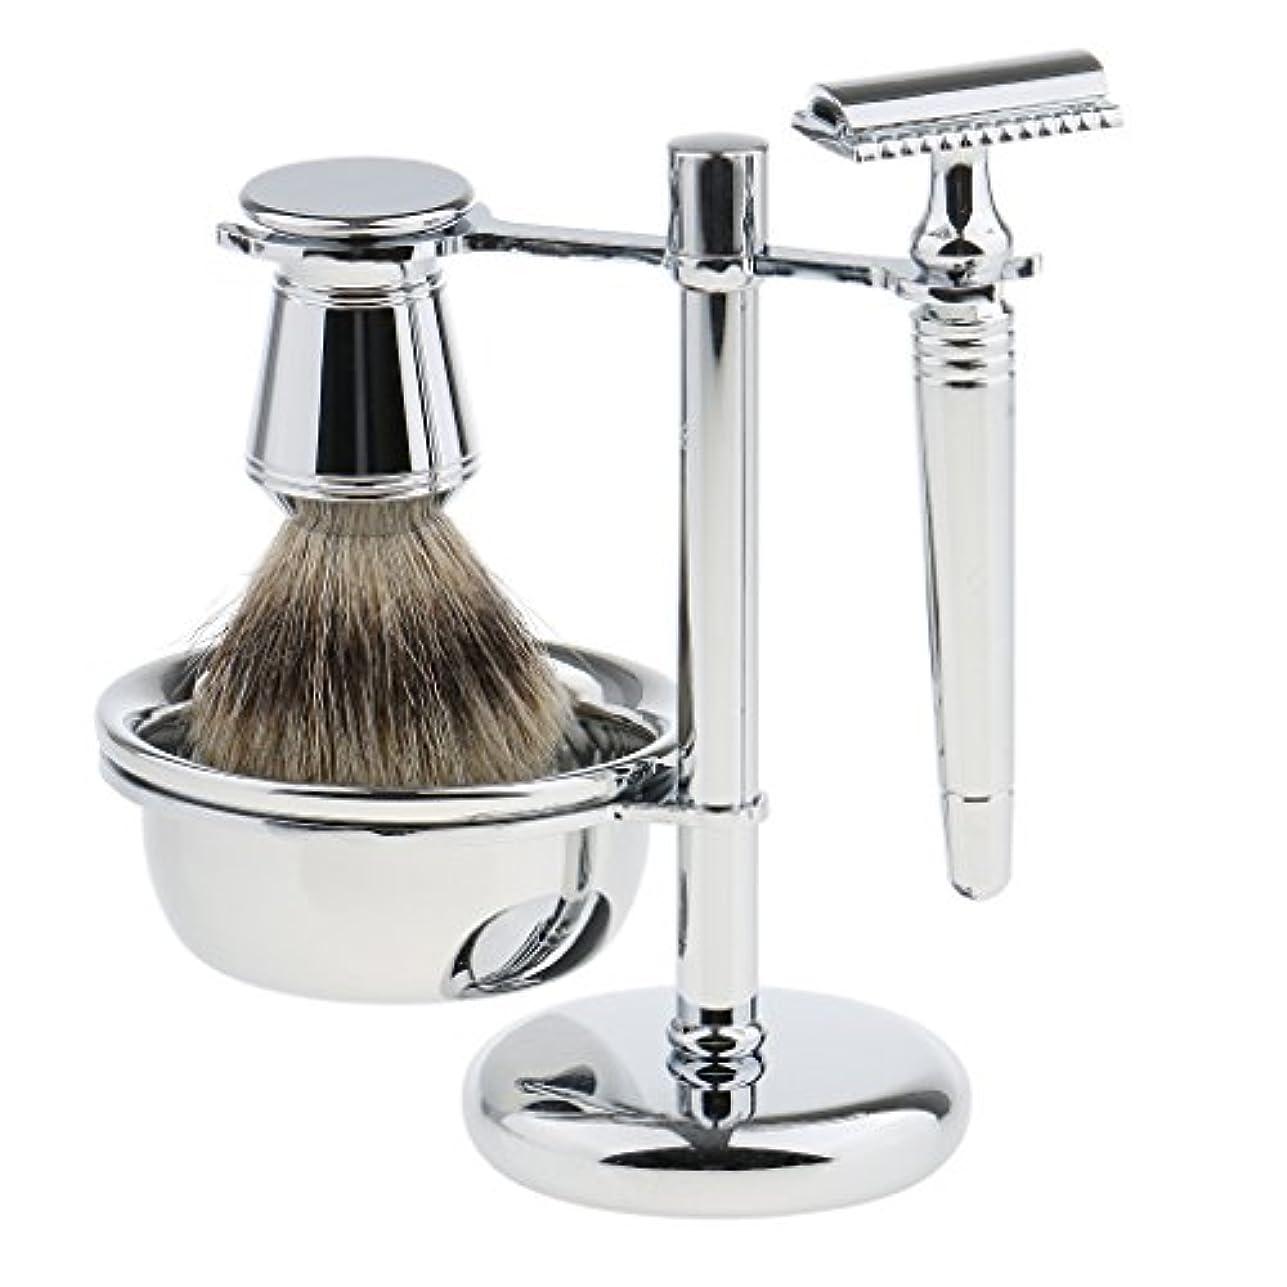 好色なナプキンエリートシェービング スタンド ブラシ カミソリ ボウル 髭剃り ひげそり メンズ プレゼント